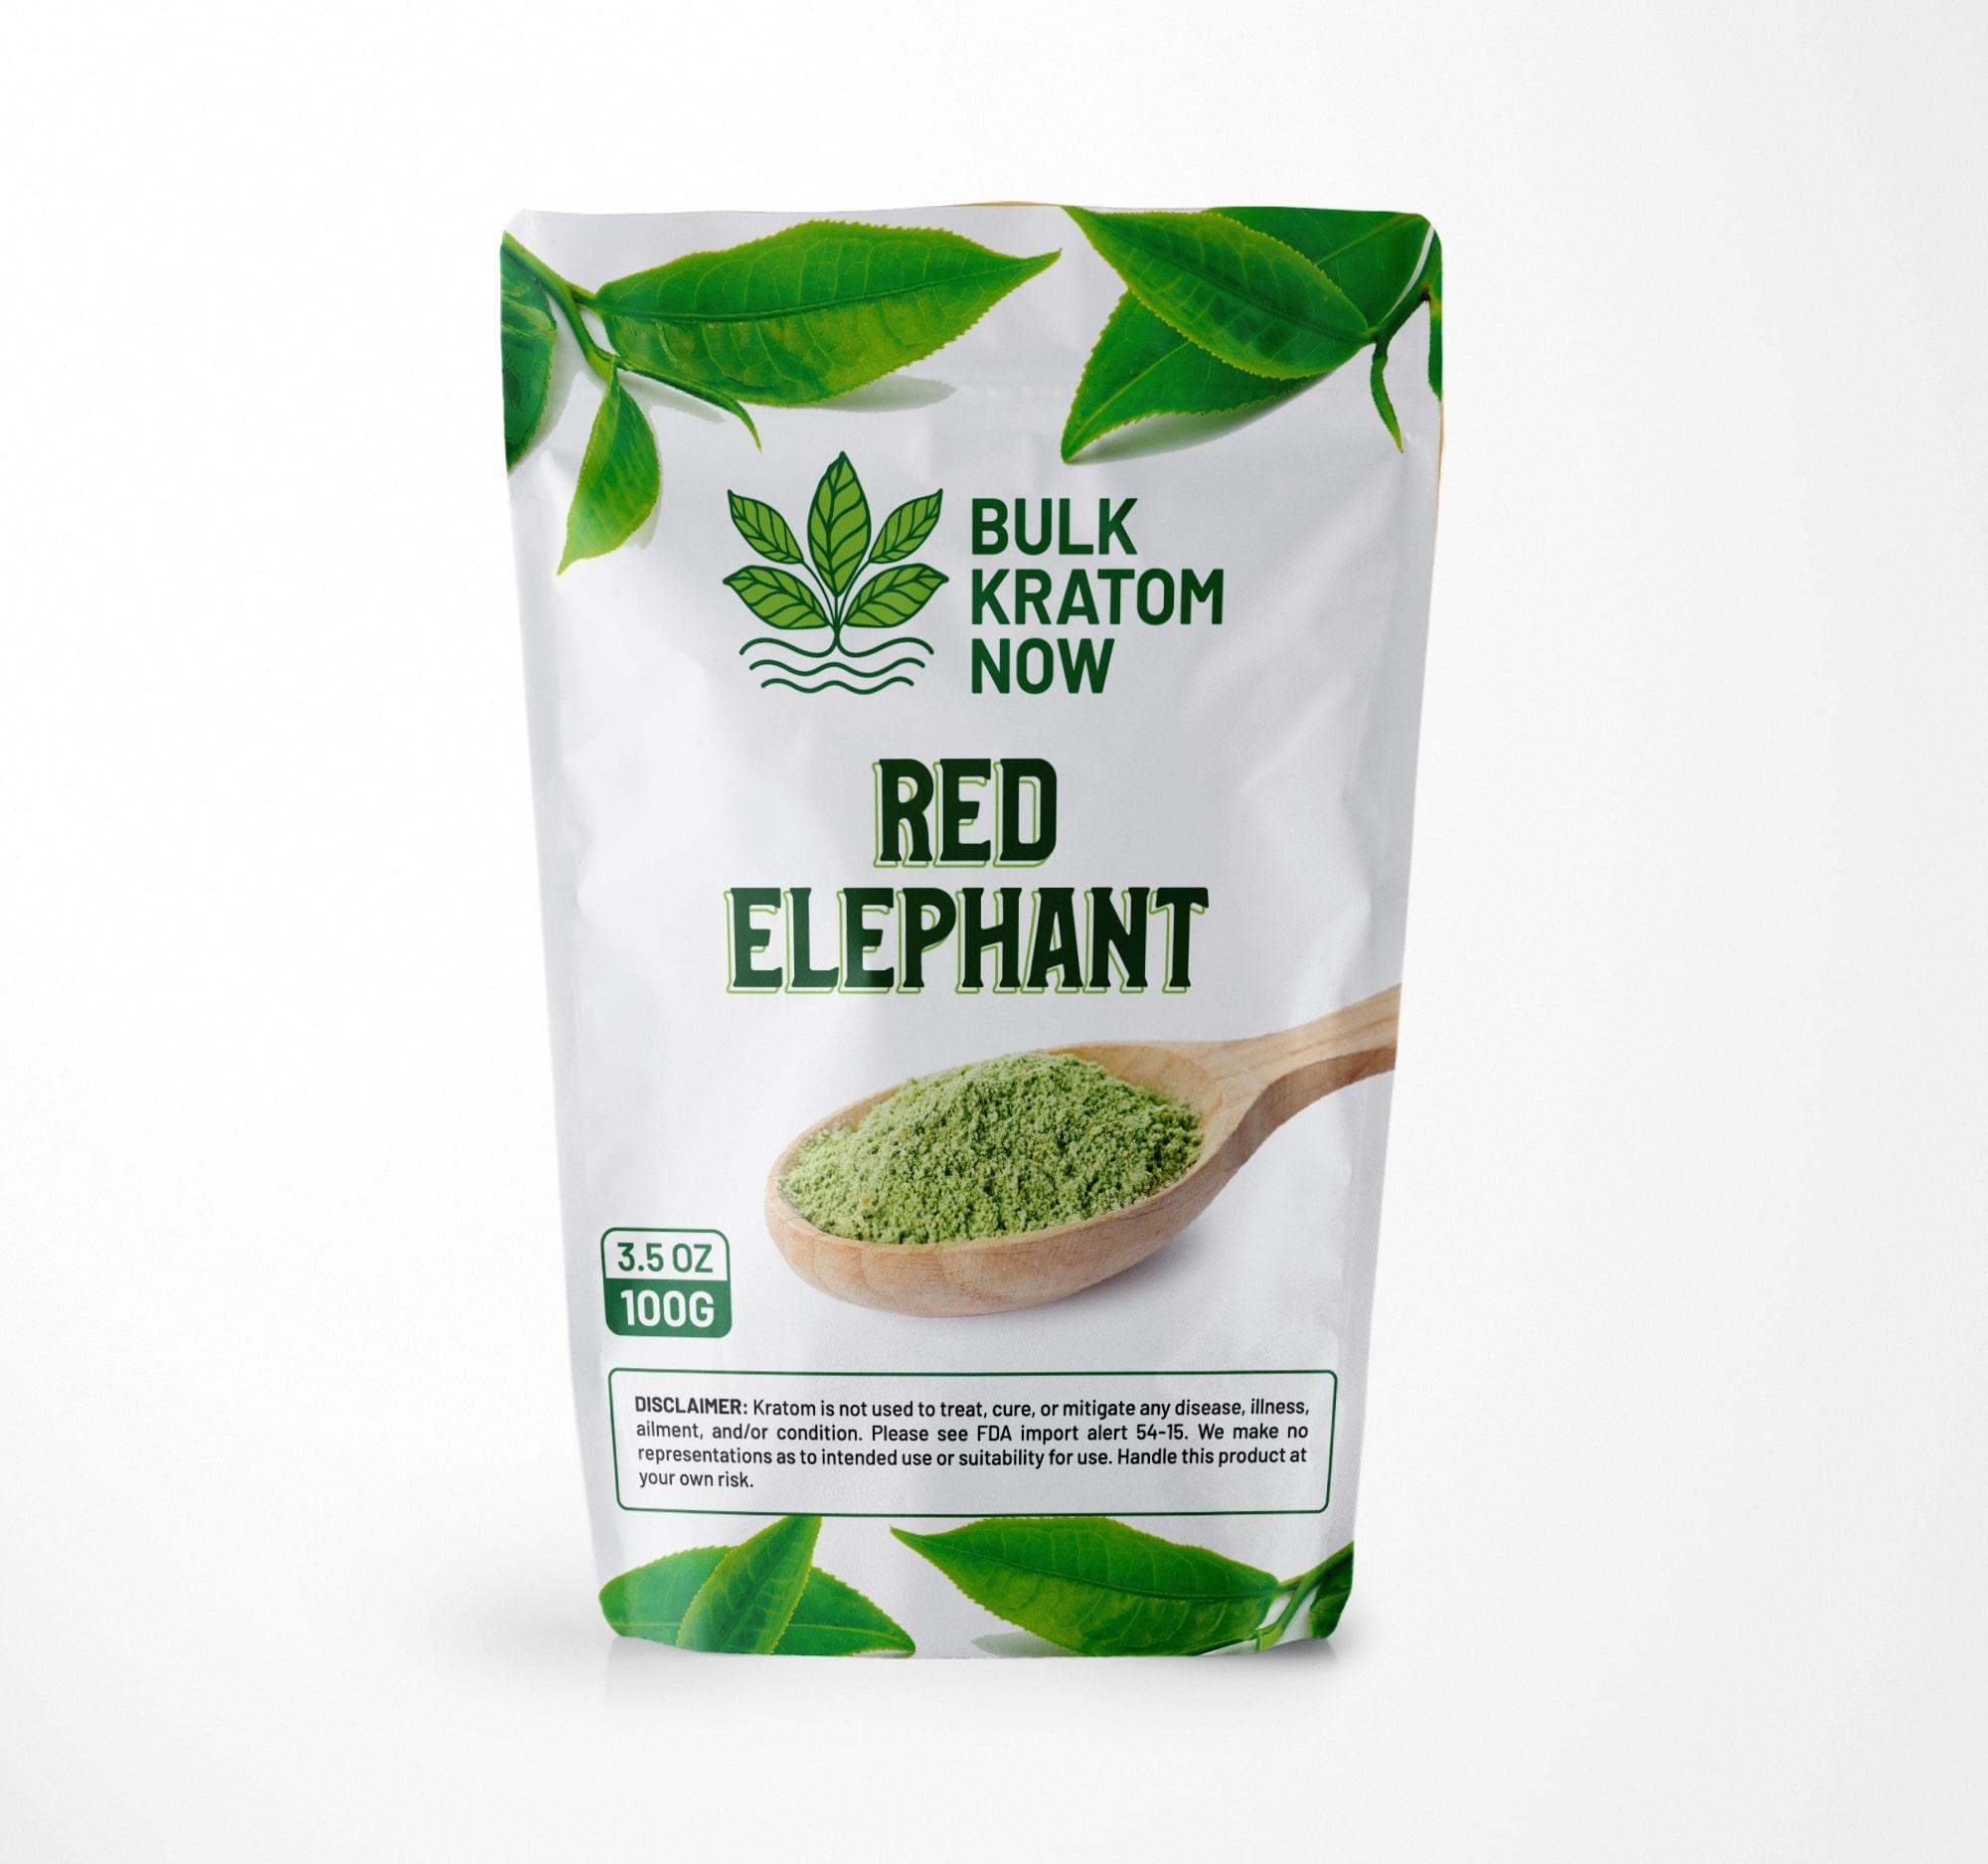 Red Elephant Bulk Kratom